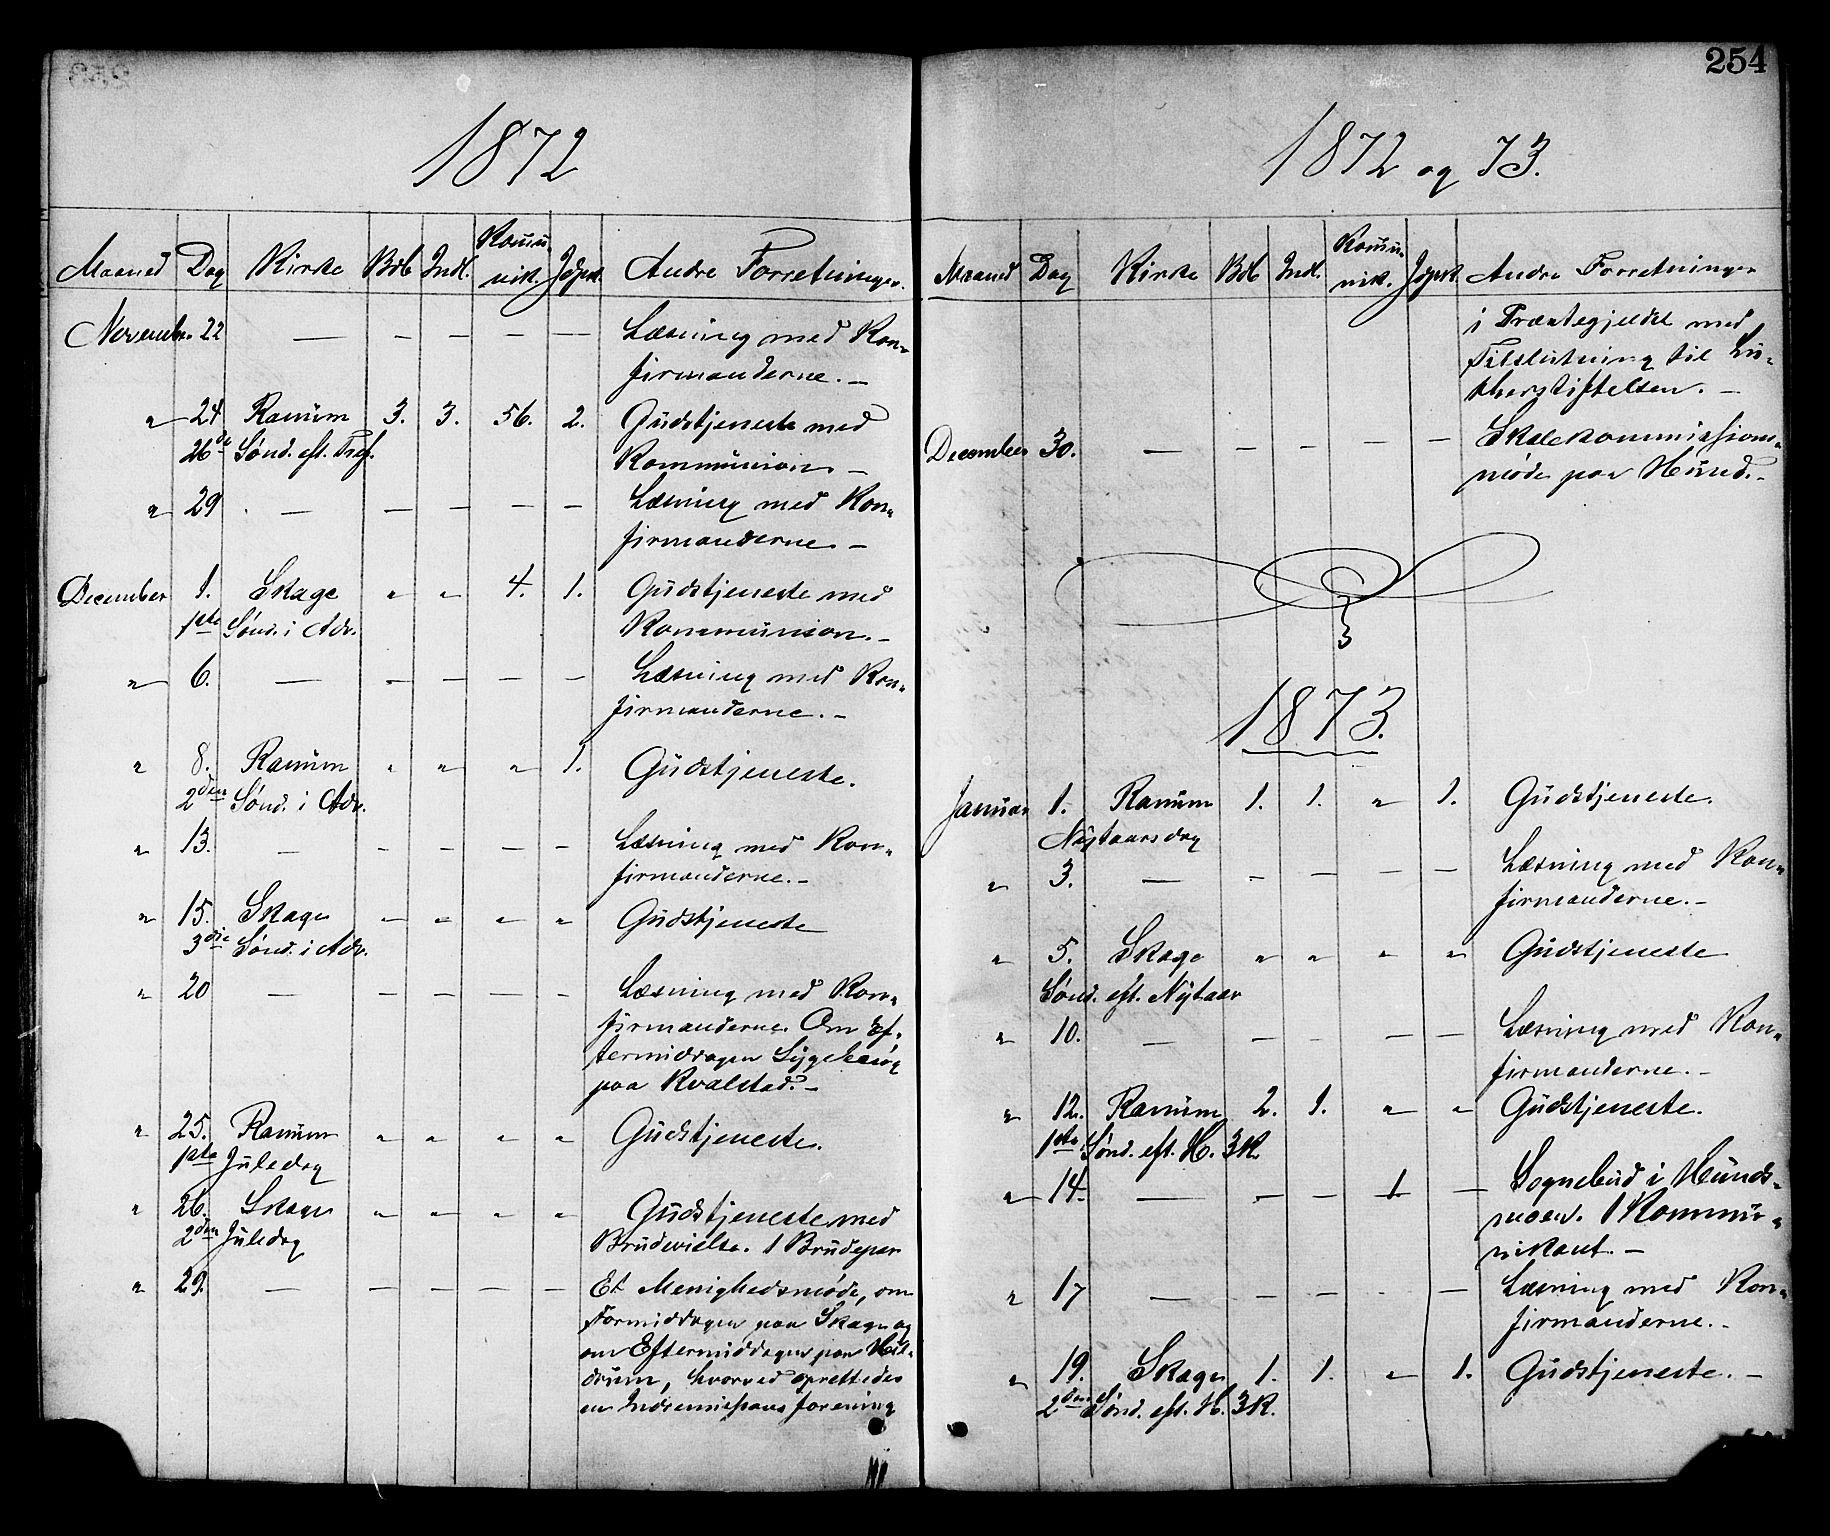 SAT, Ministerialprotokoller, klokkerbøker og fødselsregistre - Nord-Trøndelag, 764/L0554: Ministerialbok nr. 764A09, 1867-1880, s. 254